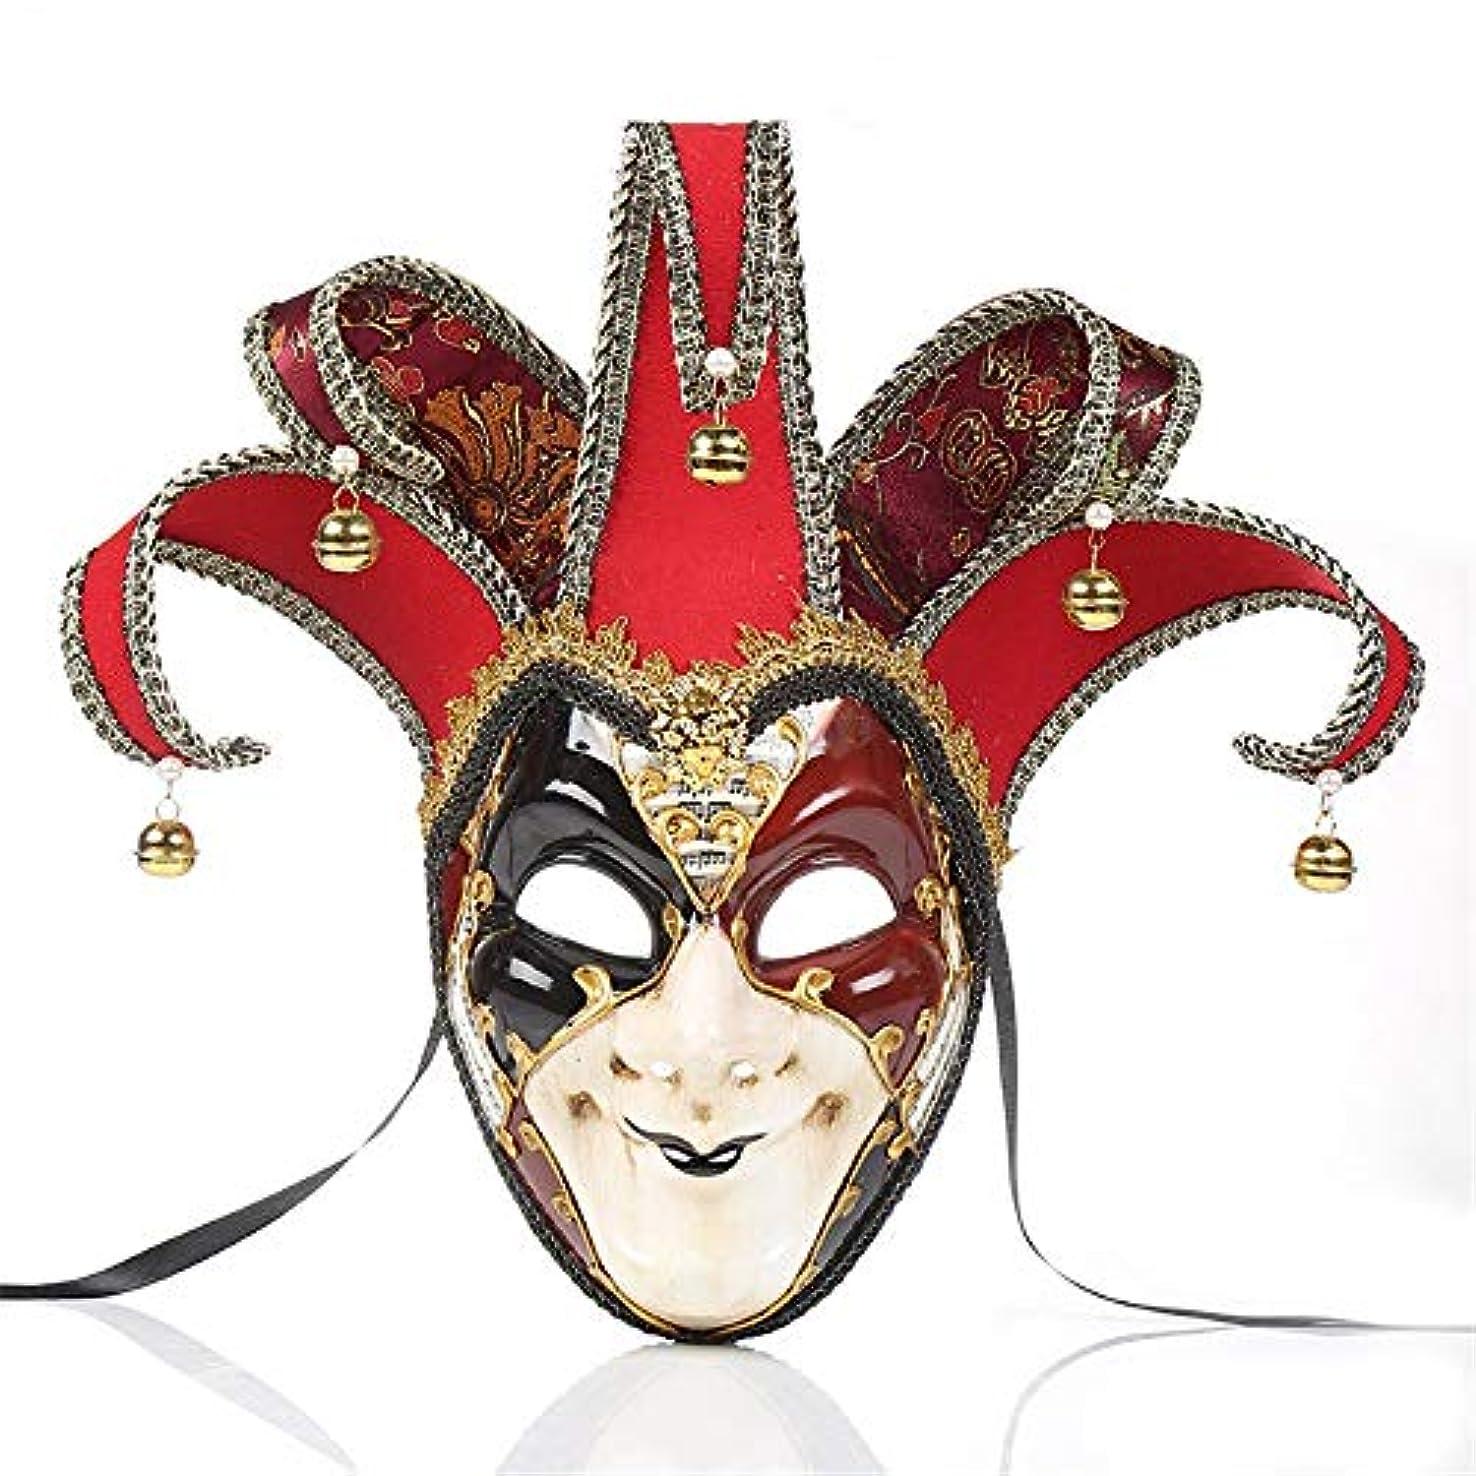 不信なんでも肯定的ダンスマスク ピエロマスクハロウィーンパフォーマンスパフォーマンス仮面舞踏会雰囲気用品祭りロールプレイングプラスチックマスク ホリデーパーティー用品 (色 : 赤, サイズ : 39x33cm)